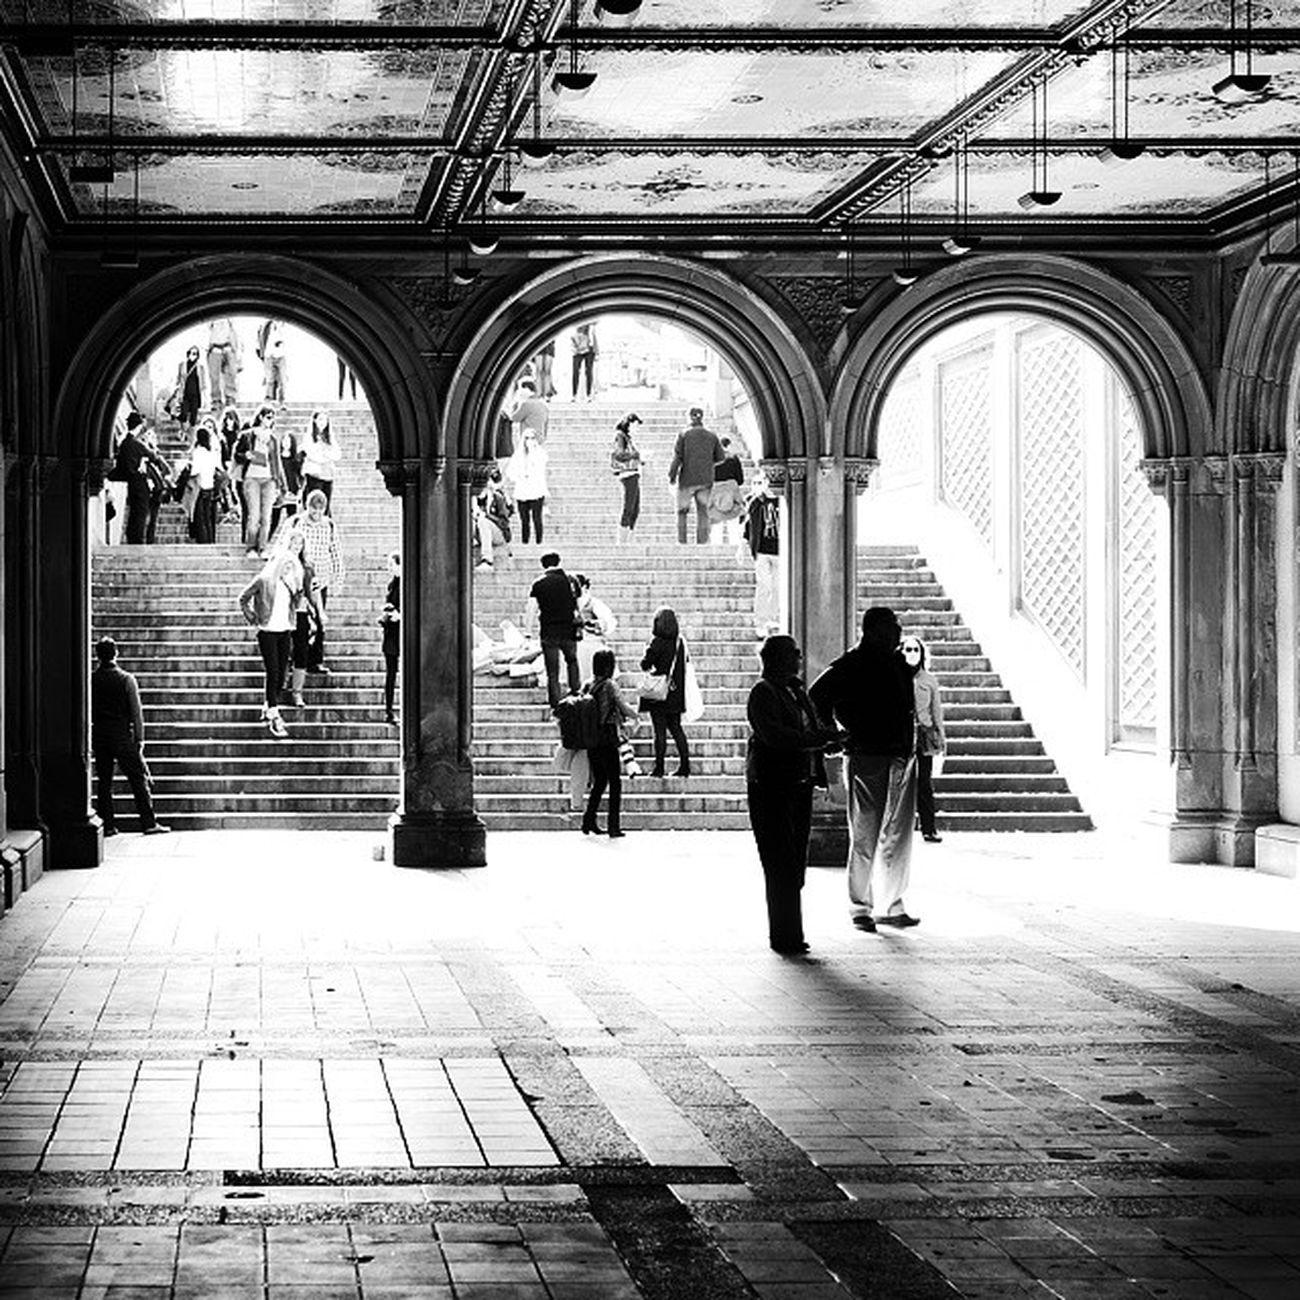 Newyork CentralPark Bw People Architecture Summer Sommar Svartvitt Manniskor Arkitektur ImagesofNYC